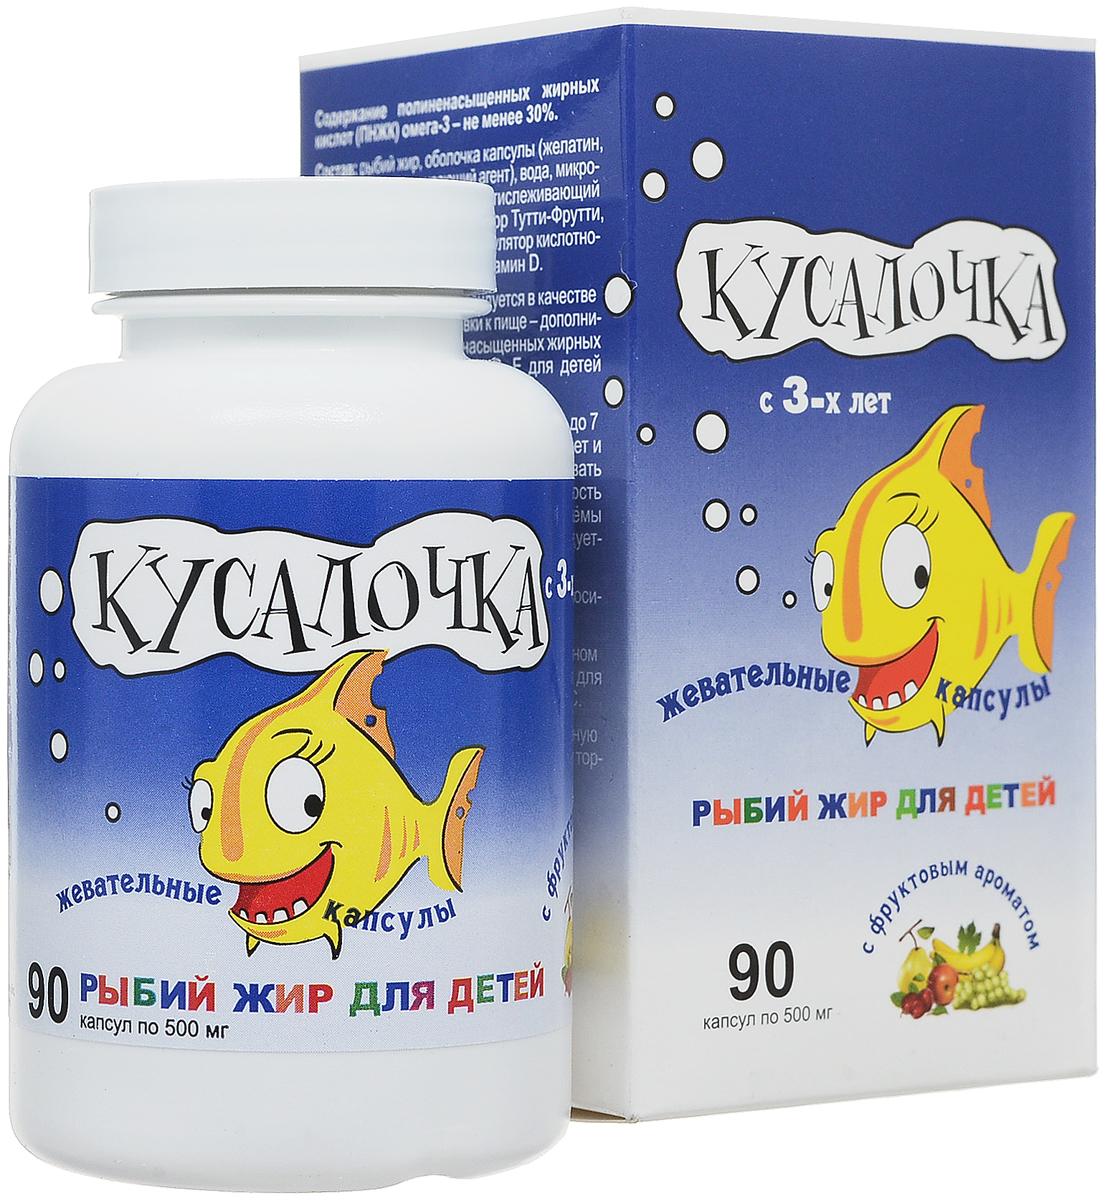 Рыбий жир Кусалочка, для детей, капсулы жевательные, 90 капсул210370Рыбий жир Кусалочка для детей представлен в капсулах, которые очень нравятся детям. Они не имеют вкус и запах рыбьего жира. Рыбий жир обогащает питание ребенка полиненасыщенными жирными кислотами омега-3 (ПНЖК омега-3)и витаминами А, D, Е.Рыбий жир способствует:-укреплению иммунитета;-снижению проявлений аллергических реакций;-нормализации деятельности нервной системы, головного мозга, зрительного аппарата;-гармоничному росту и развитию ребенка.Рыбий жир укрепляет иммунитет.Для растущего организма, когда формируется мозг и развивается зрительный аппарат, присутствие в организме определенных полиненасыщенных кислот в достаточном количестве жизненно необходимо.ПНЖК омега-3 играют важную роль в формировании детского организма. Омега-3 кислоты служат основой для образования активных и важных биорегуляторов - эйкозаноидов линии Е3, влияющих на иммунный статус и аллергические состояния. Установлено также, что докозагексаеновая кислота (ДГК) является ключевым строительным блоком клеточных мембран мозга, сетчатки глаза и нервной ткани. В организм ребенка ДГК может поступать как непосредственно из рыбьего жира, так и в результате метаболических превращений линоленовой (C18:3) омега-3 и эйкозапентаеновой (С20:5) омега-3 кислот, которые также содержатся в рыбьем жире. Докозагексаеновая кислота (ДГК) составляет более 1/3 всех ПНЖК омега-3, содержащихся в Кусалочке. Товар сертифицирован.